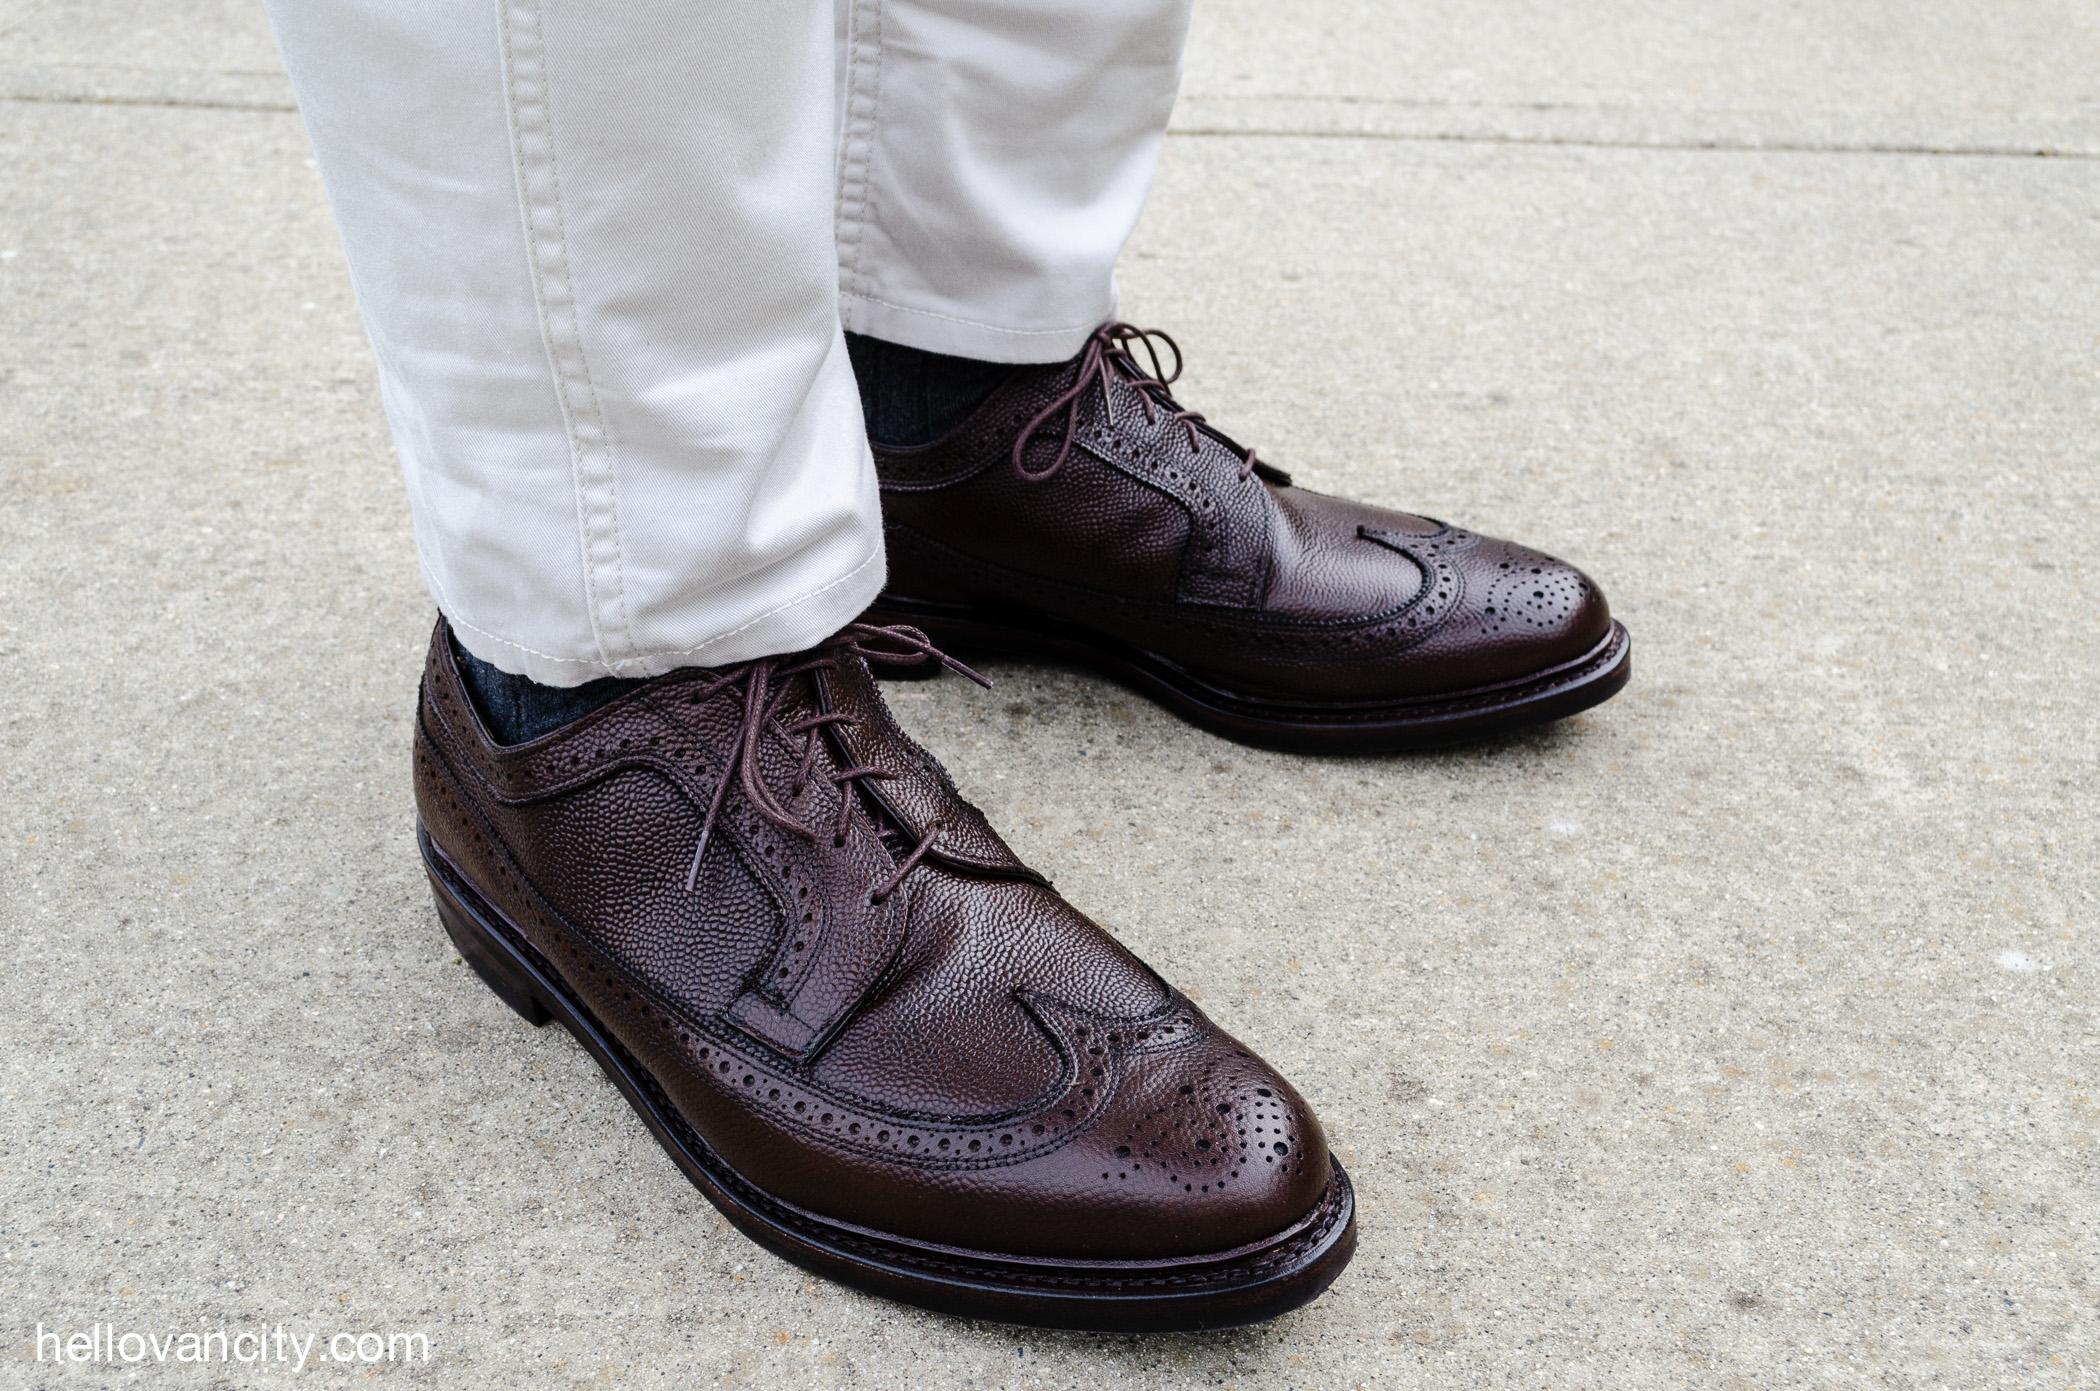 Players Shoe Allen Edmonds Review